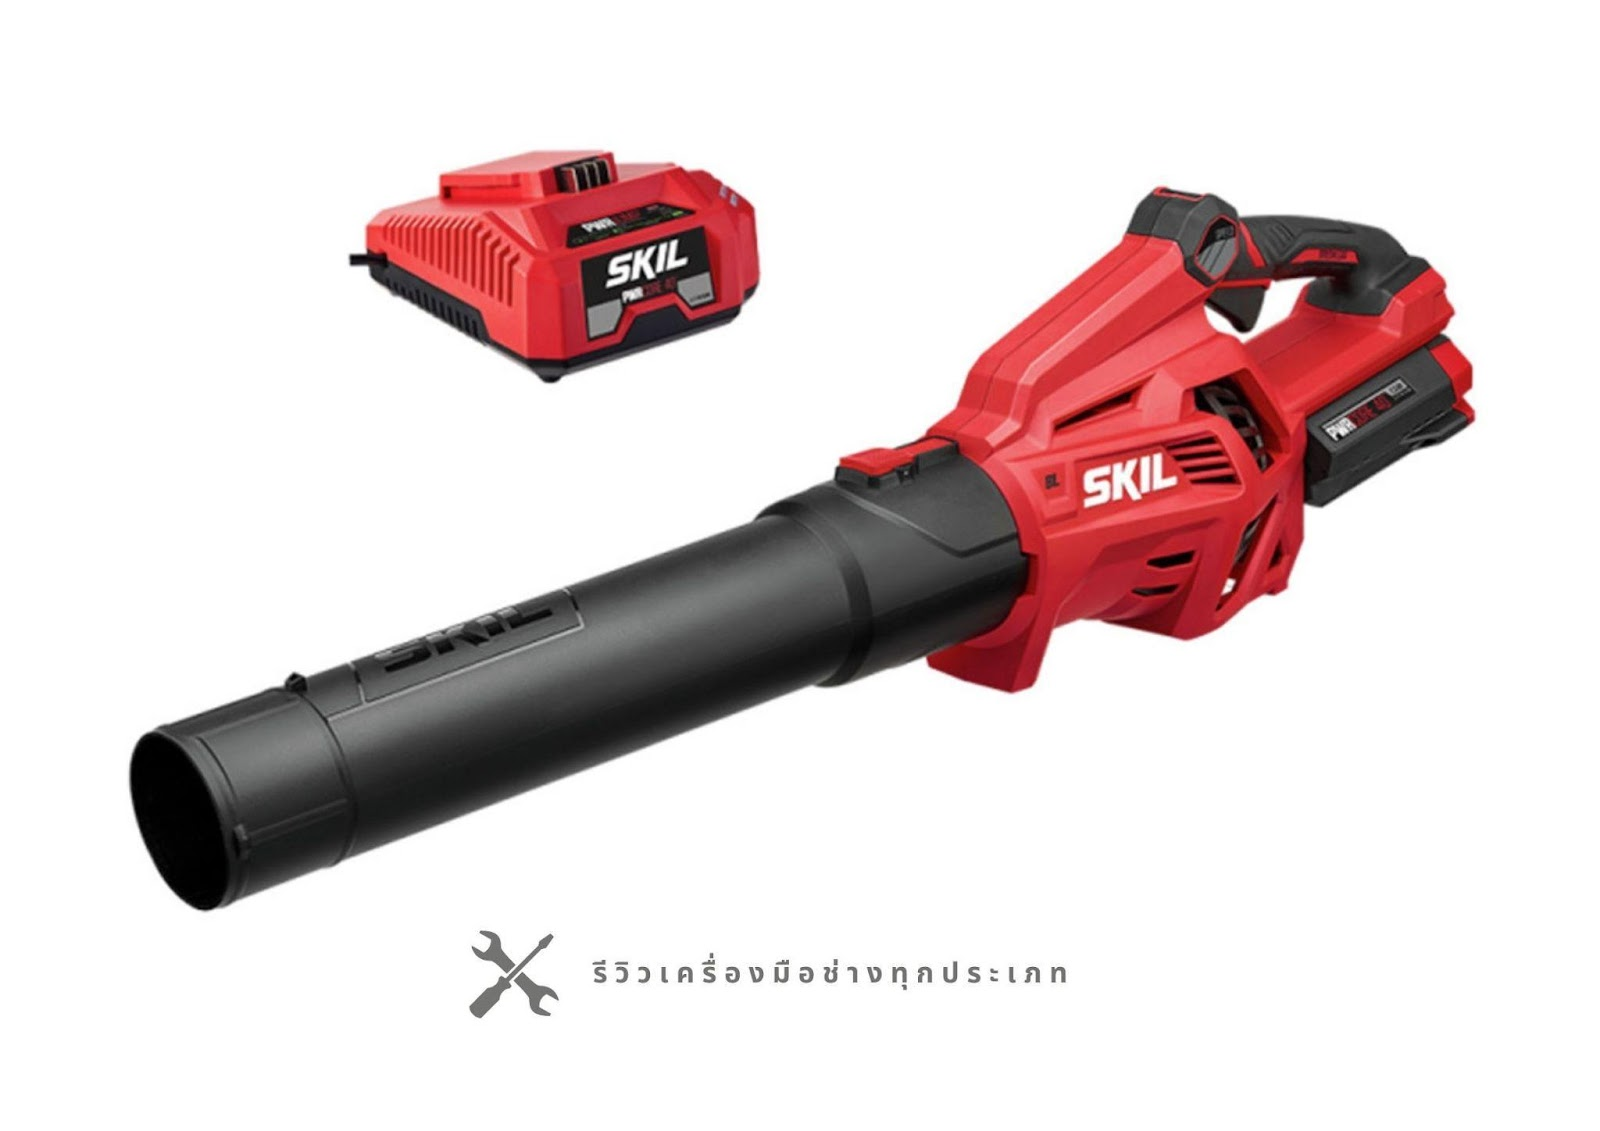 Skil PWRCore 40 Brushless Leaf Blower